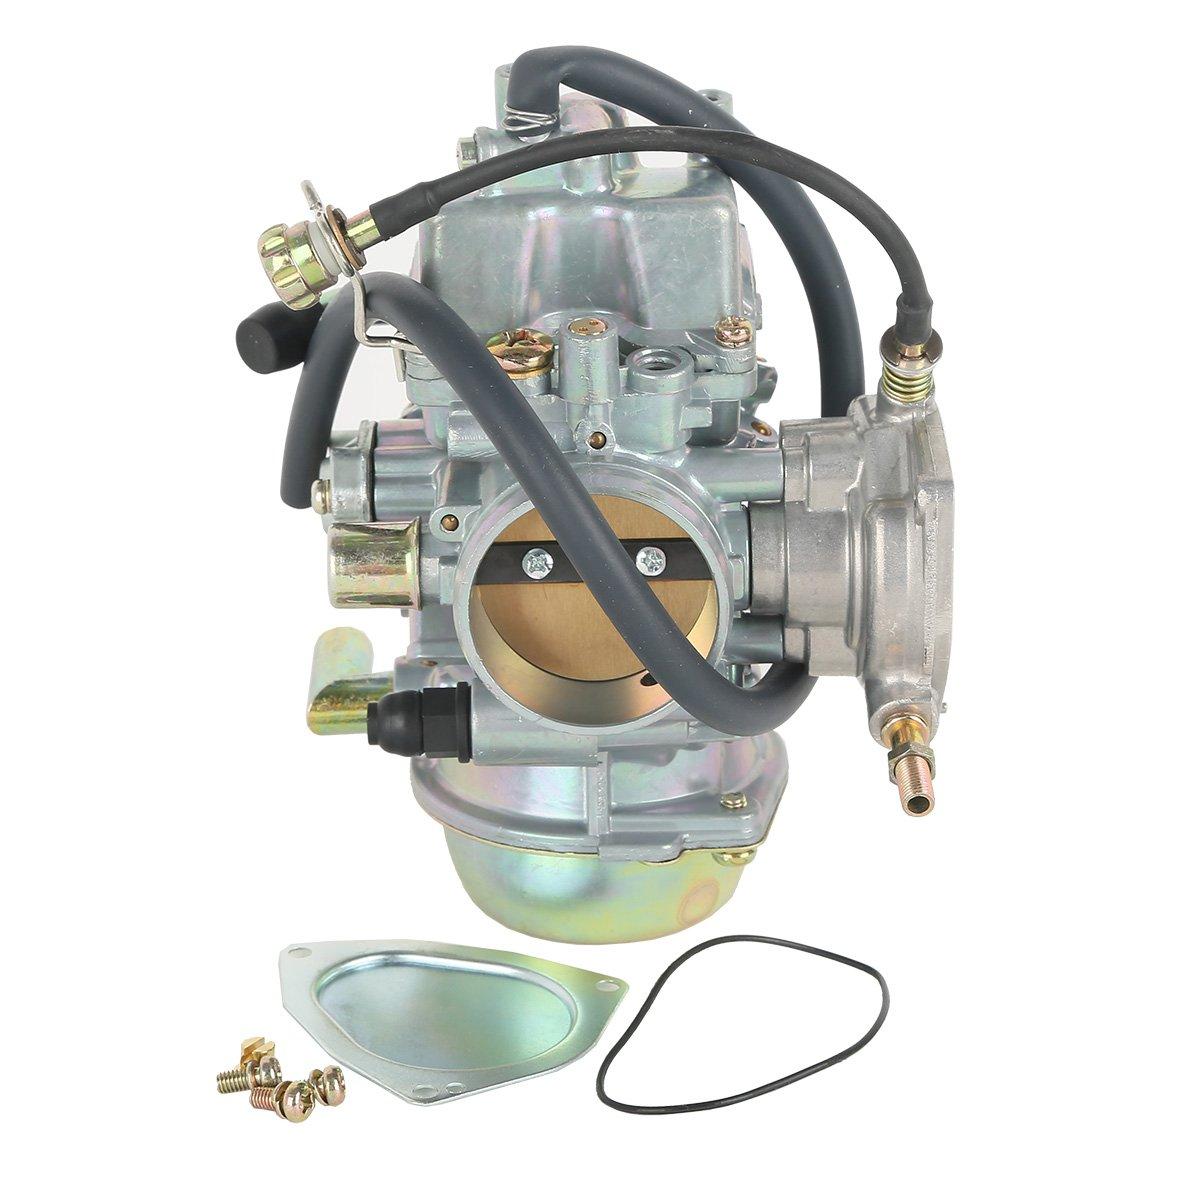 XMT-MOTO Motorcycle Carburetor For Yamaha Grizzly 660 YFM660 2002-2008,Polaris OUTLAW 500 2006,Polaris PREDATOR 500 2003-2006